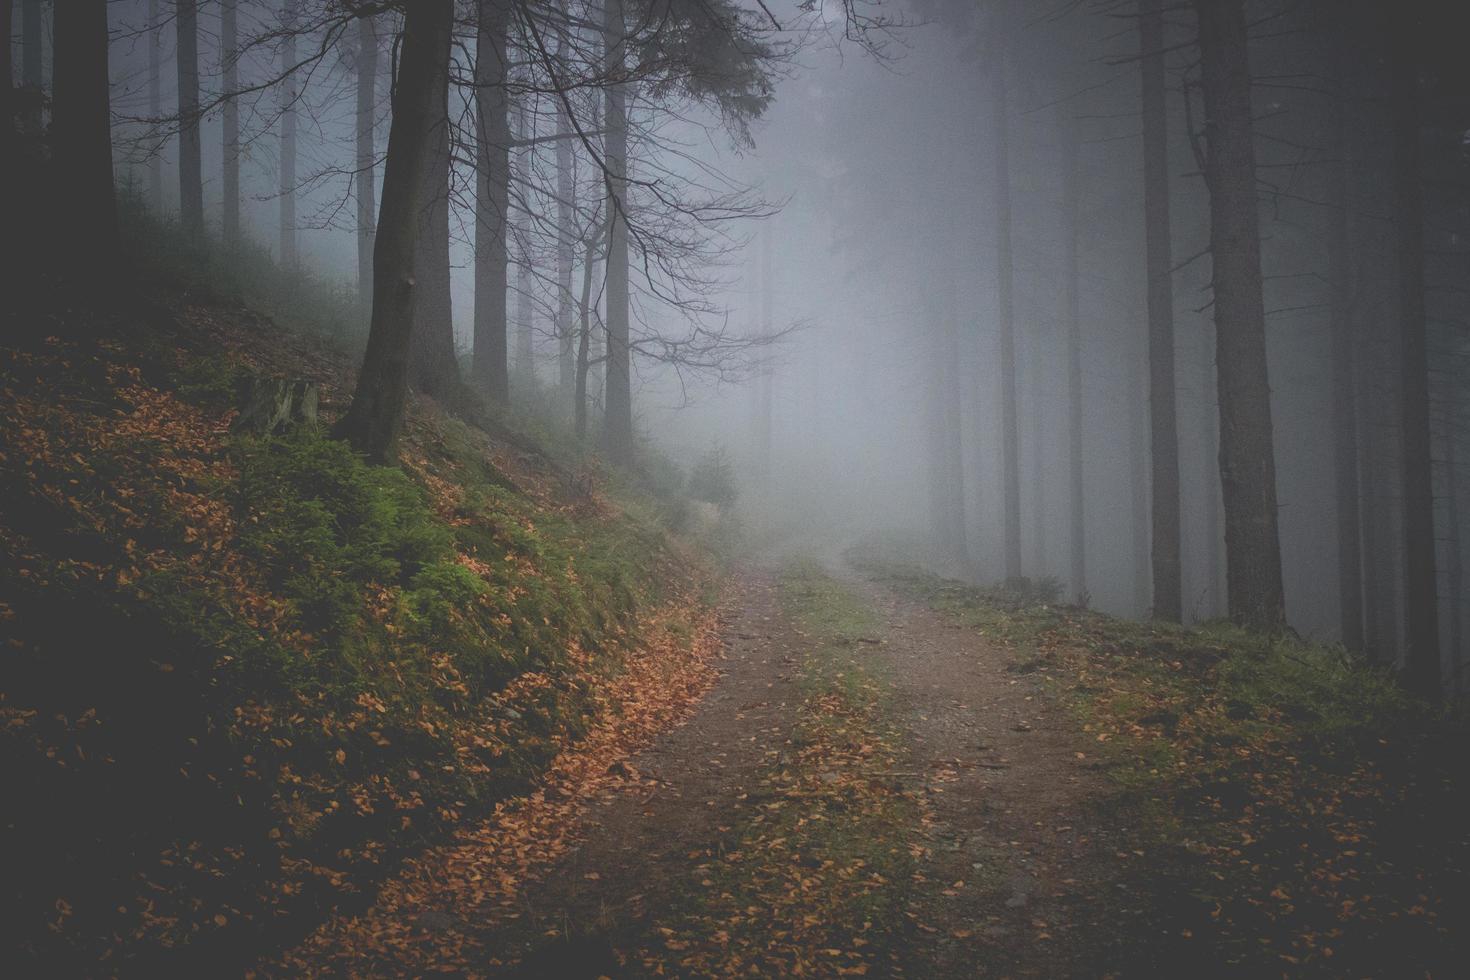 Dark path in a misty autumn forest photo